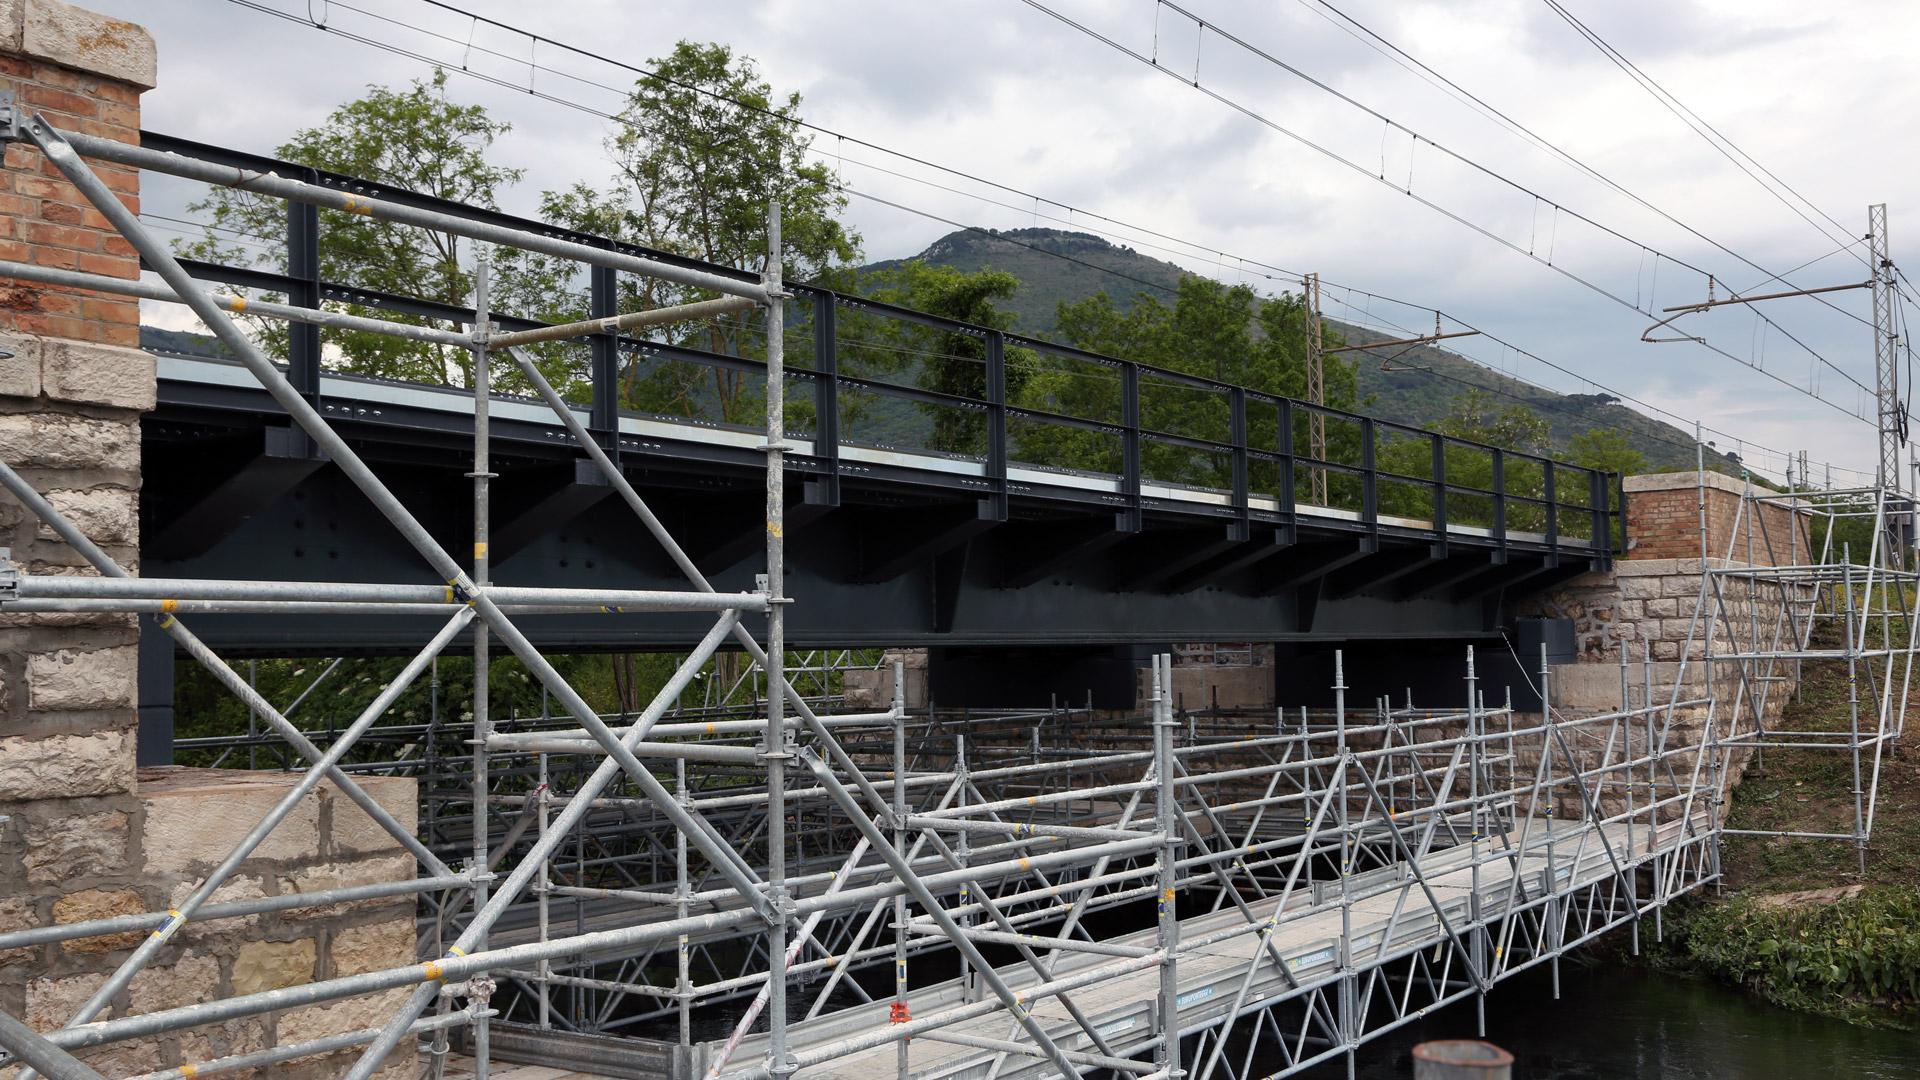 ponte-ferroviario-fiume-cavata-metal-engineering-carpenteria-civile